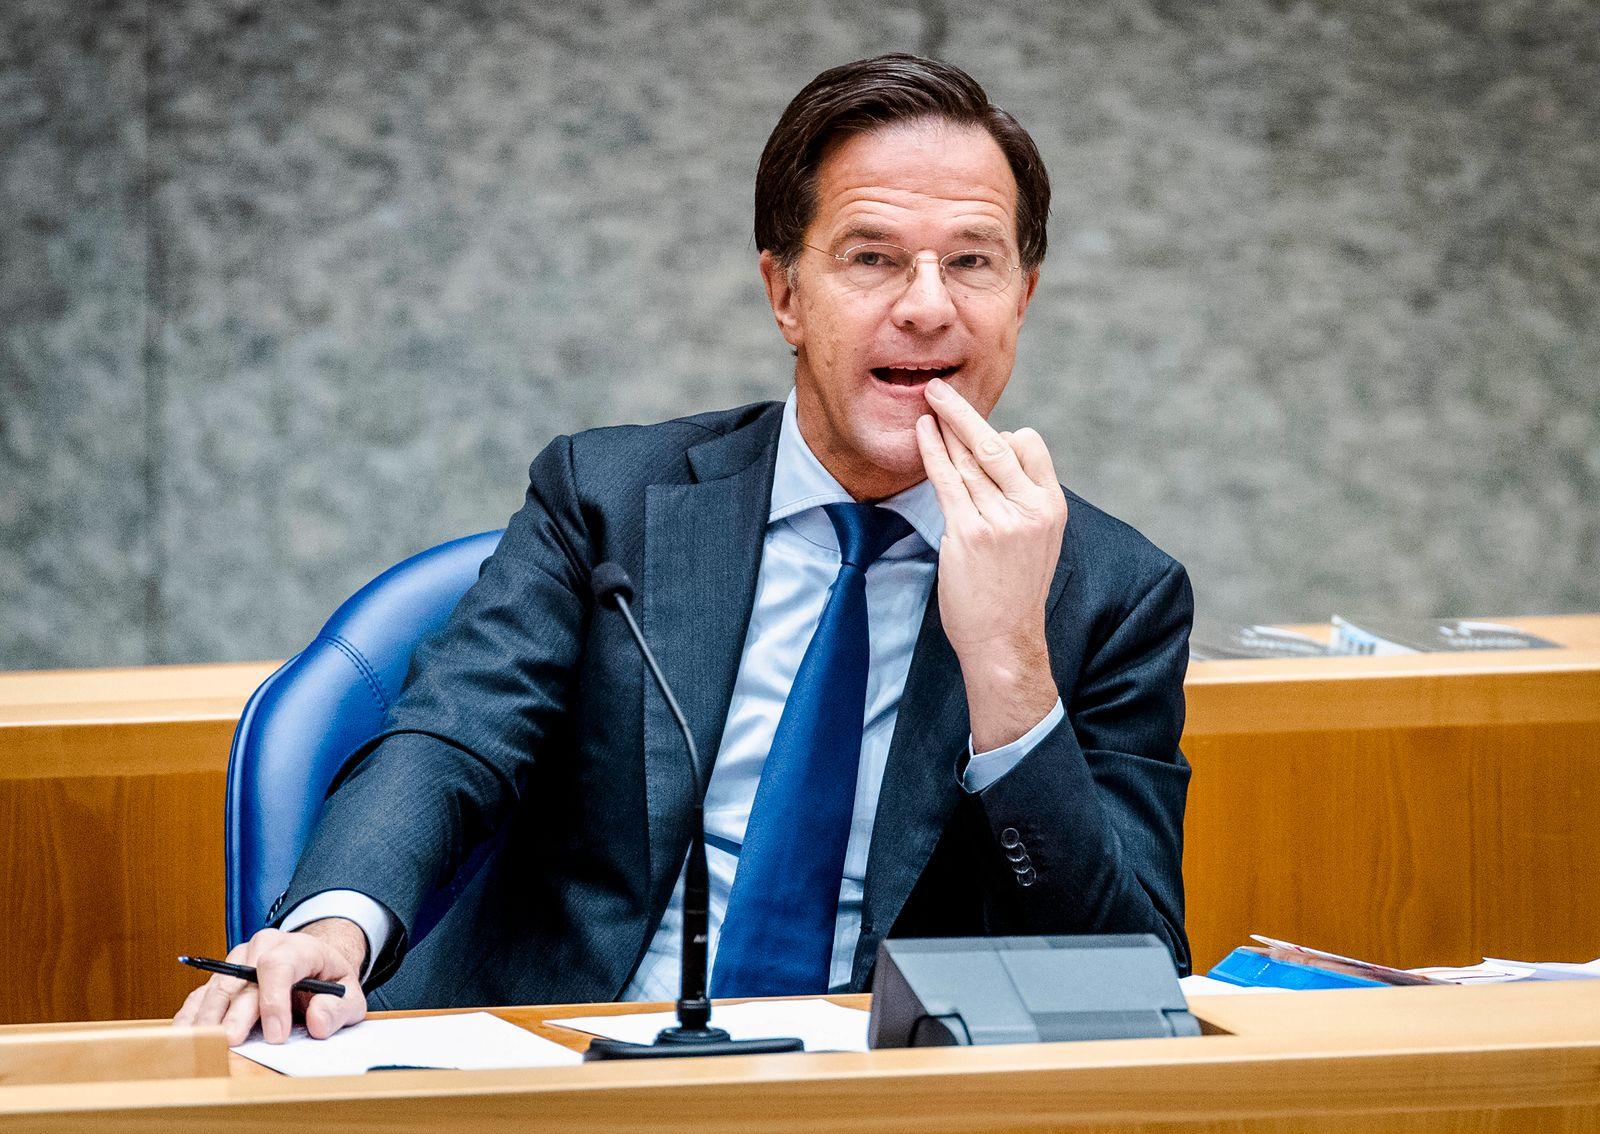 DEN HAAG - Premier Mark Rutte tijdens het debat over de ontwikkelingen rondom het coronavirus. De Tweede Kamer is terug